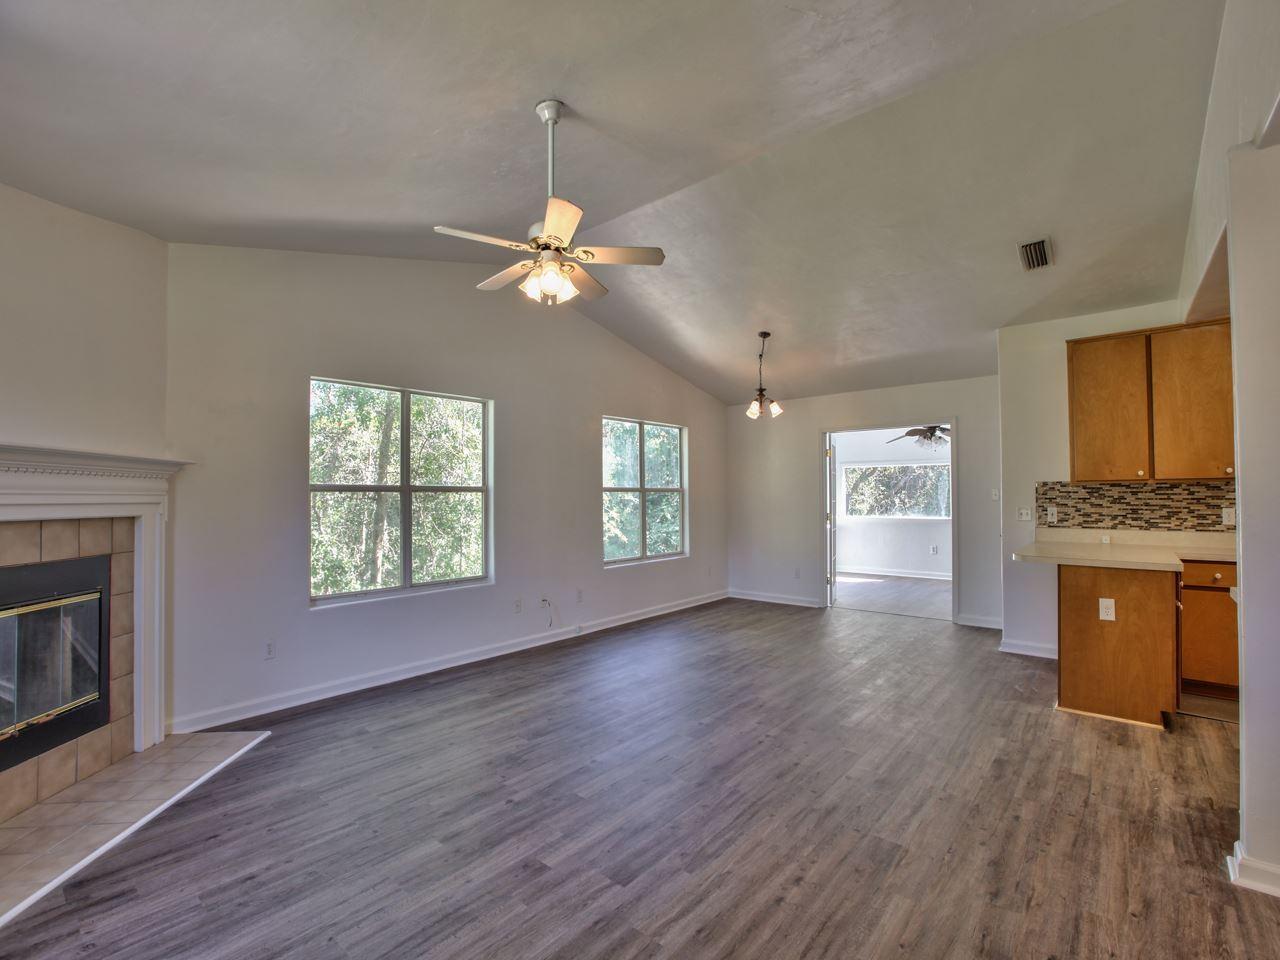 1901 Longview Drive, Tallahassee, FL 32303 - MLS#: 325078